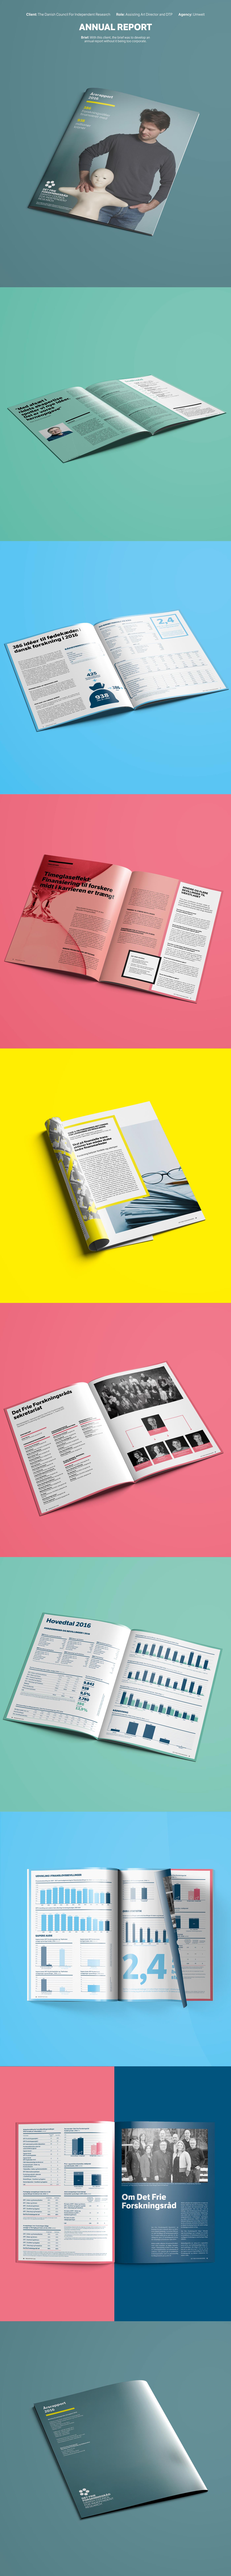 editorial design  annual report statistics graphic design  print design